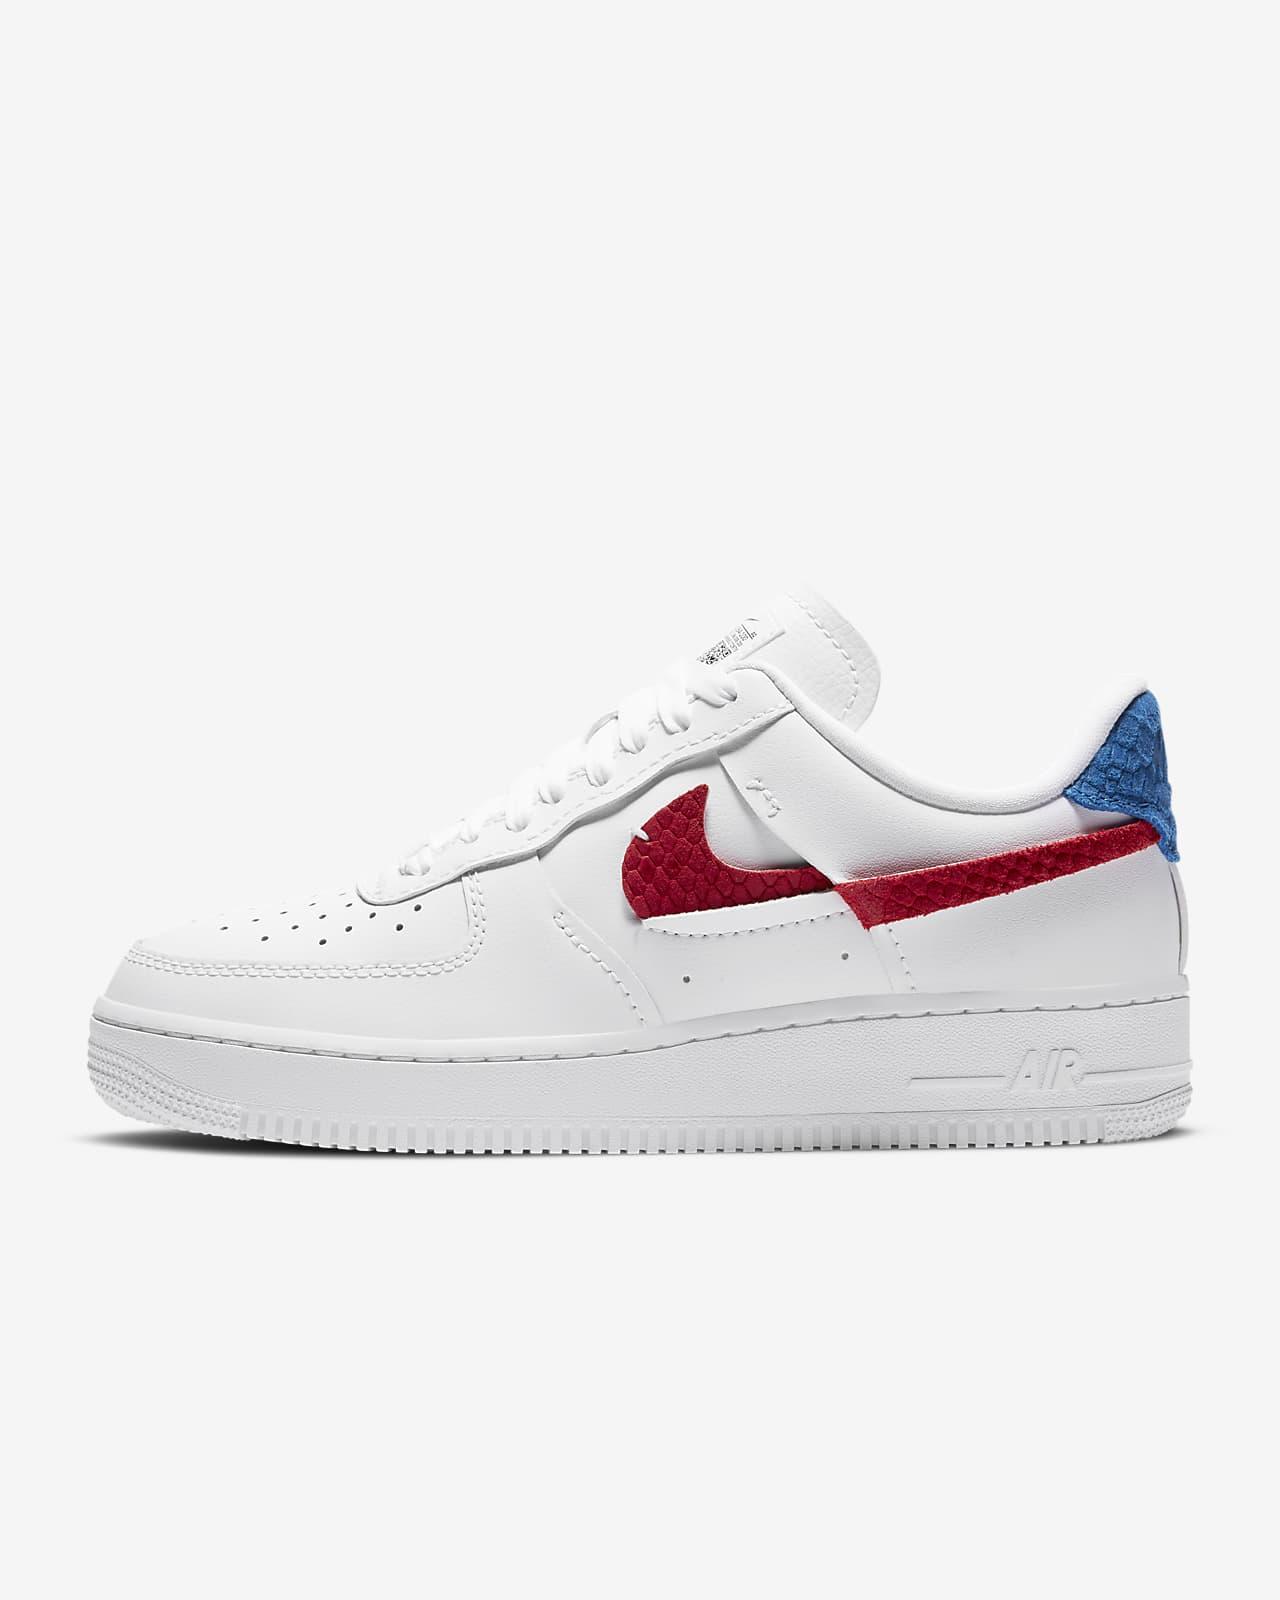 Nike Air Force 1 LXX Damenschuh